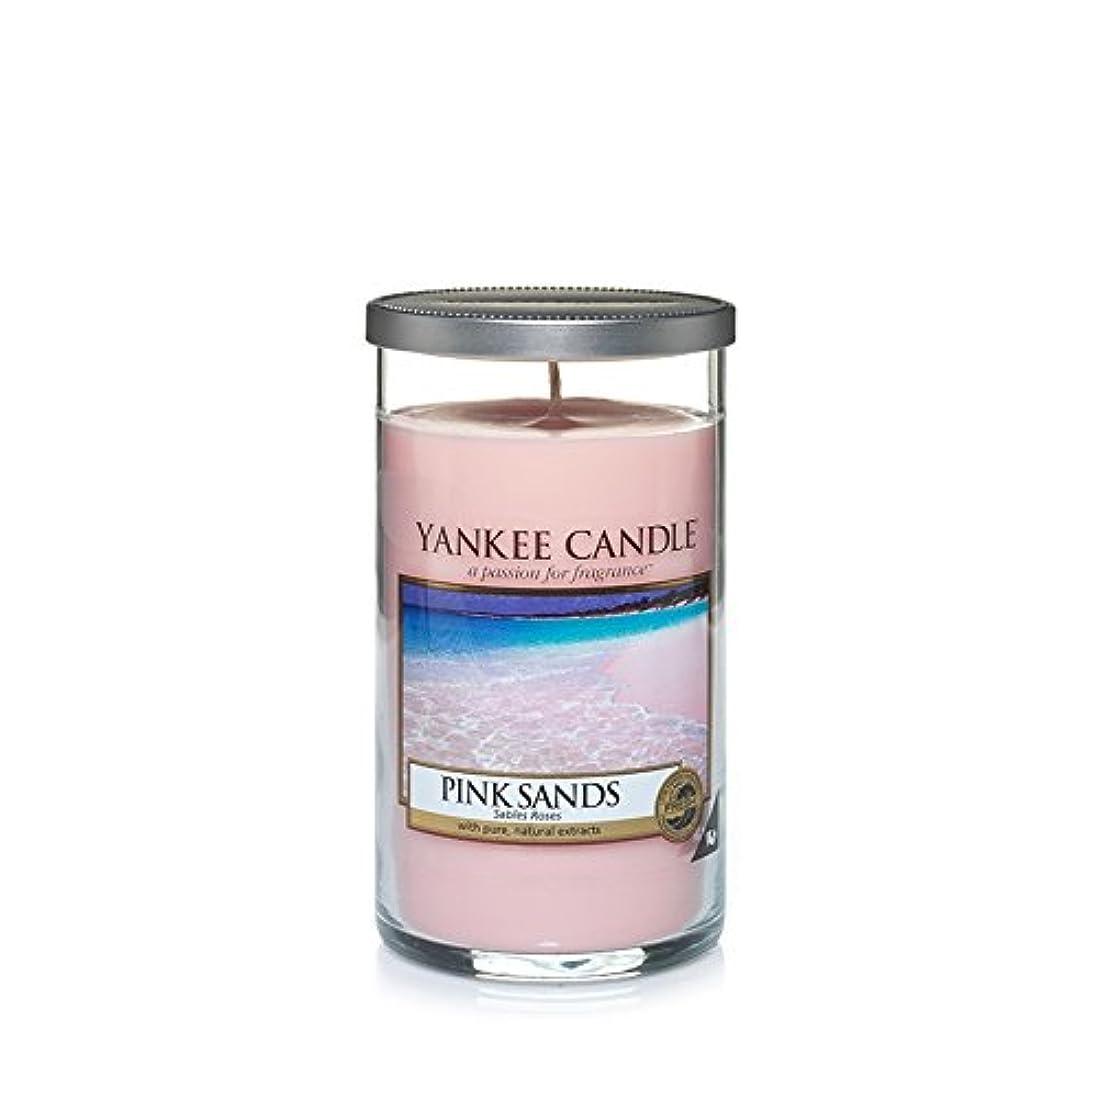 意識基準付き添い人Yankee Candles Medium Pillar Candle - Pink Sands? (Pack of 2) - ヤンキーキャンドルメディアピラーキャンドル - ピンクの砂? (x2) [並行輸入品]